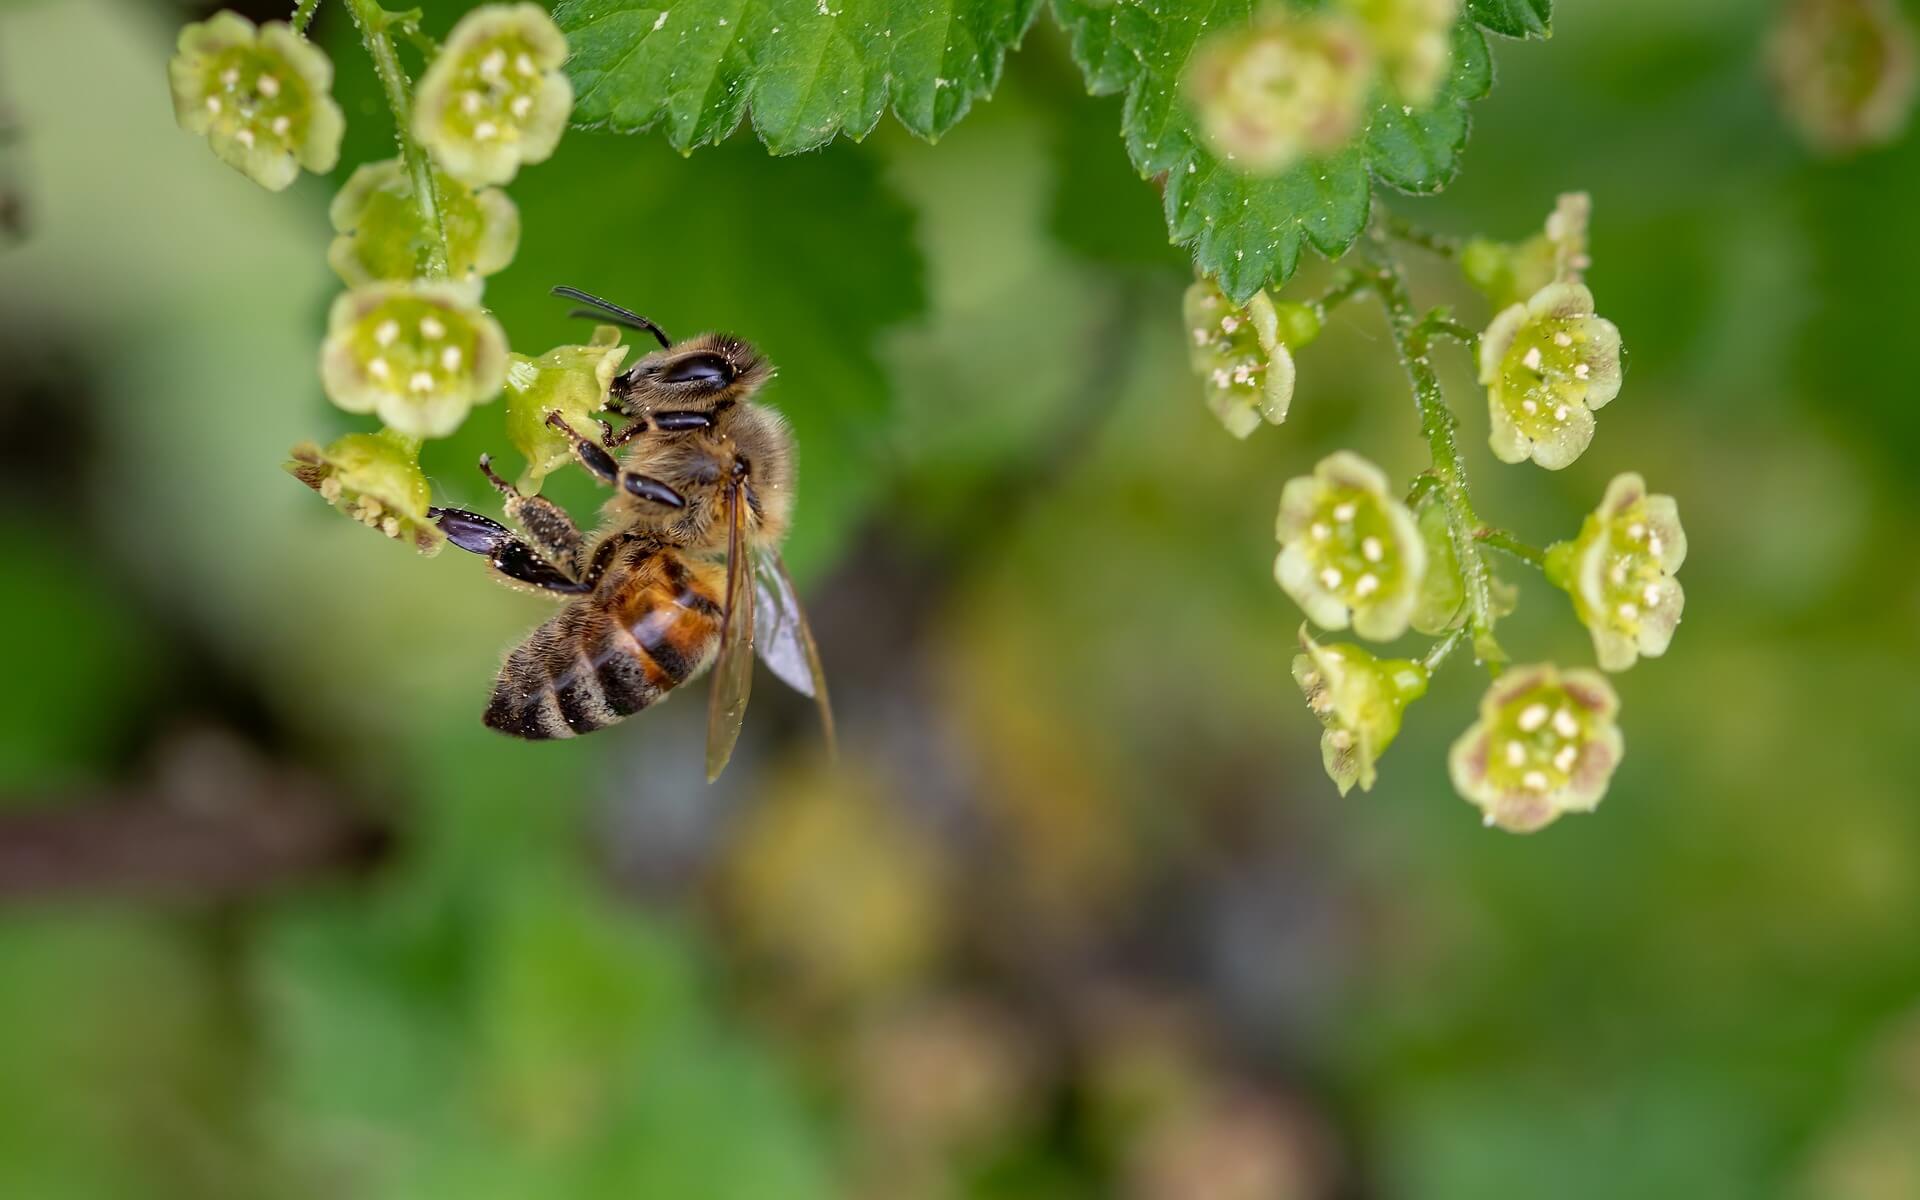 Tierschutzaktion-Juni-2018_Bienenretter_Biene_bee-3360682_1920